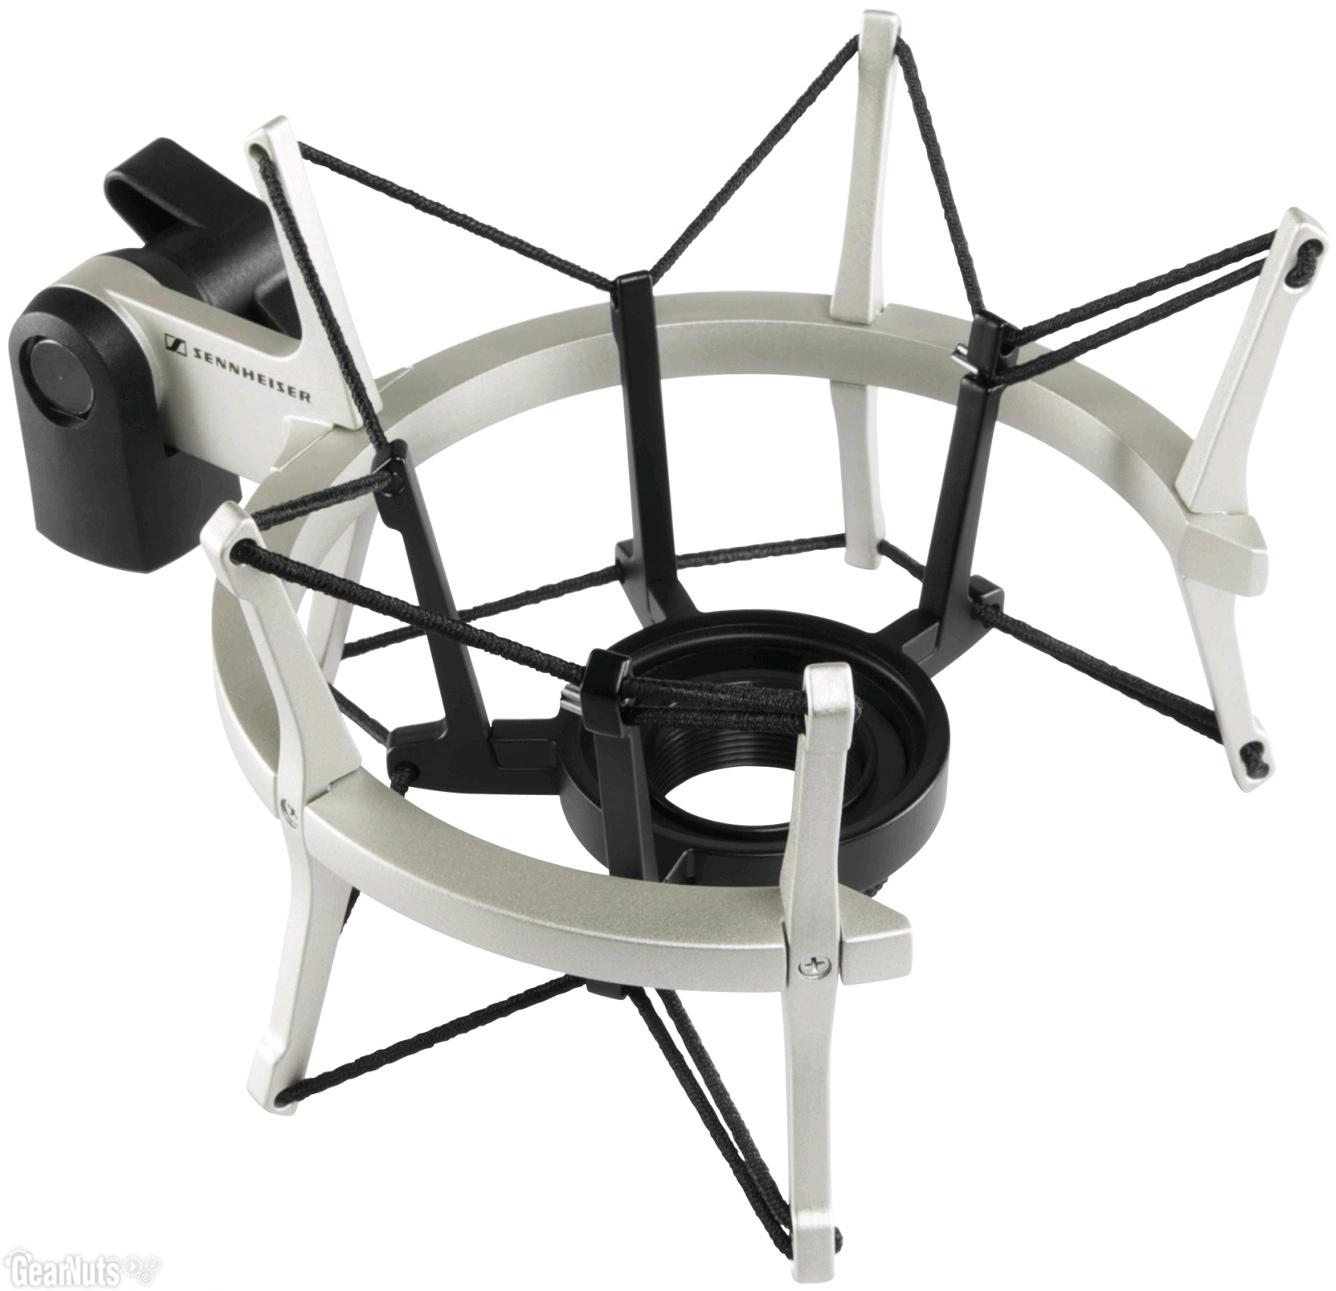 Аксессуары для микрофонов, радио и конференц-систем Sennheiser, арт: 129463 - Аксессуары для микрофонов, радио и конференц-систем